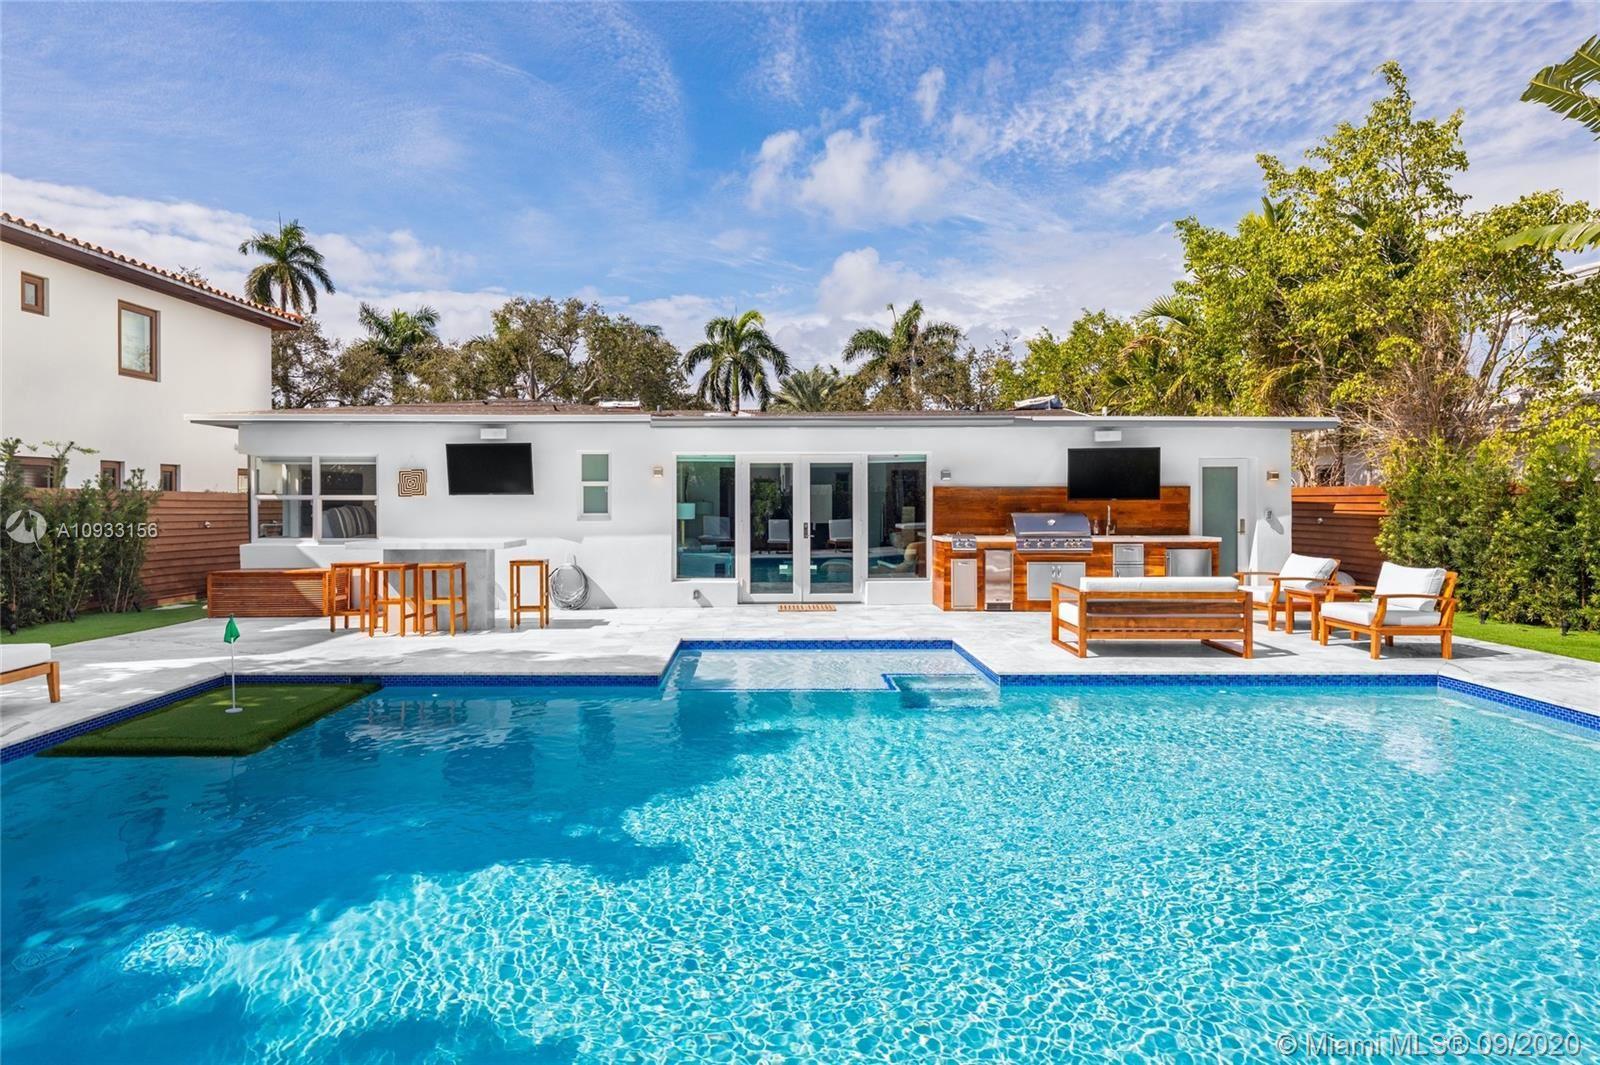 5225 N Bay Rd, Miami Beach, FL 33140 - #: A10933156